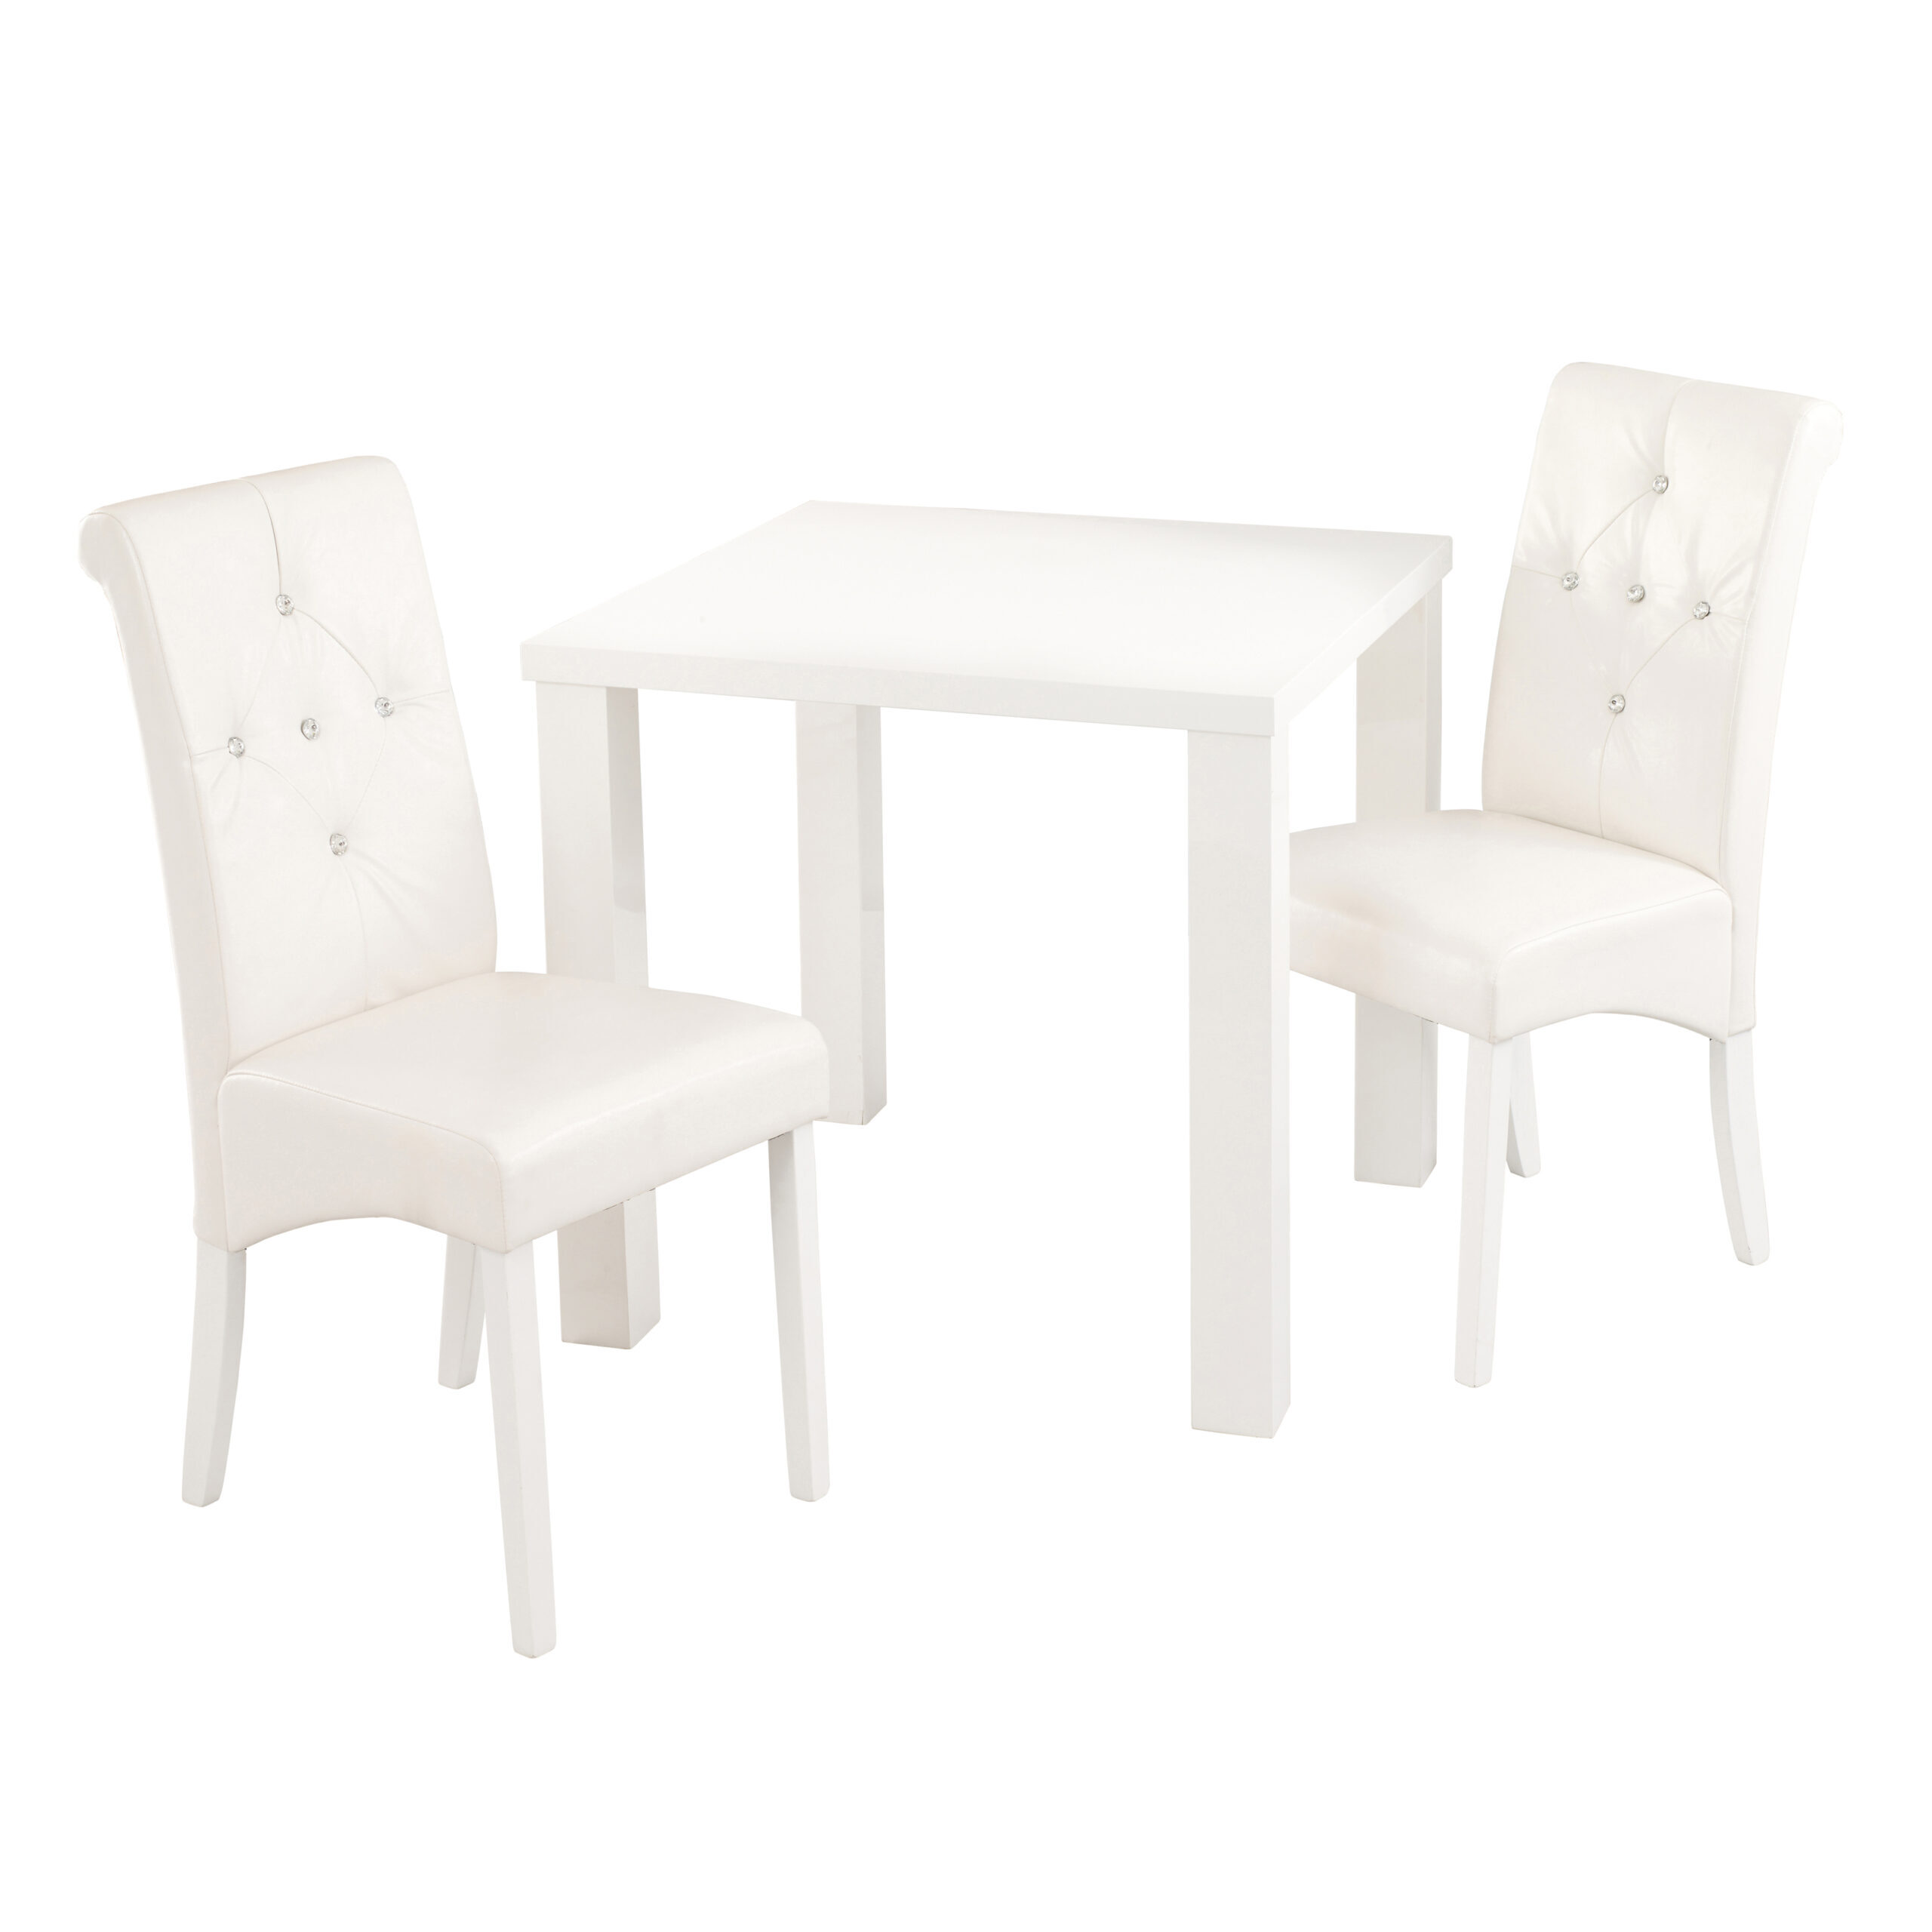 Monroe Diamante Chair White (Pack of 2)